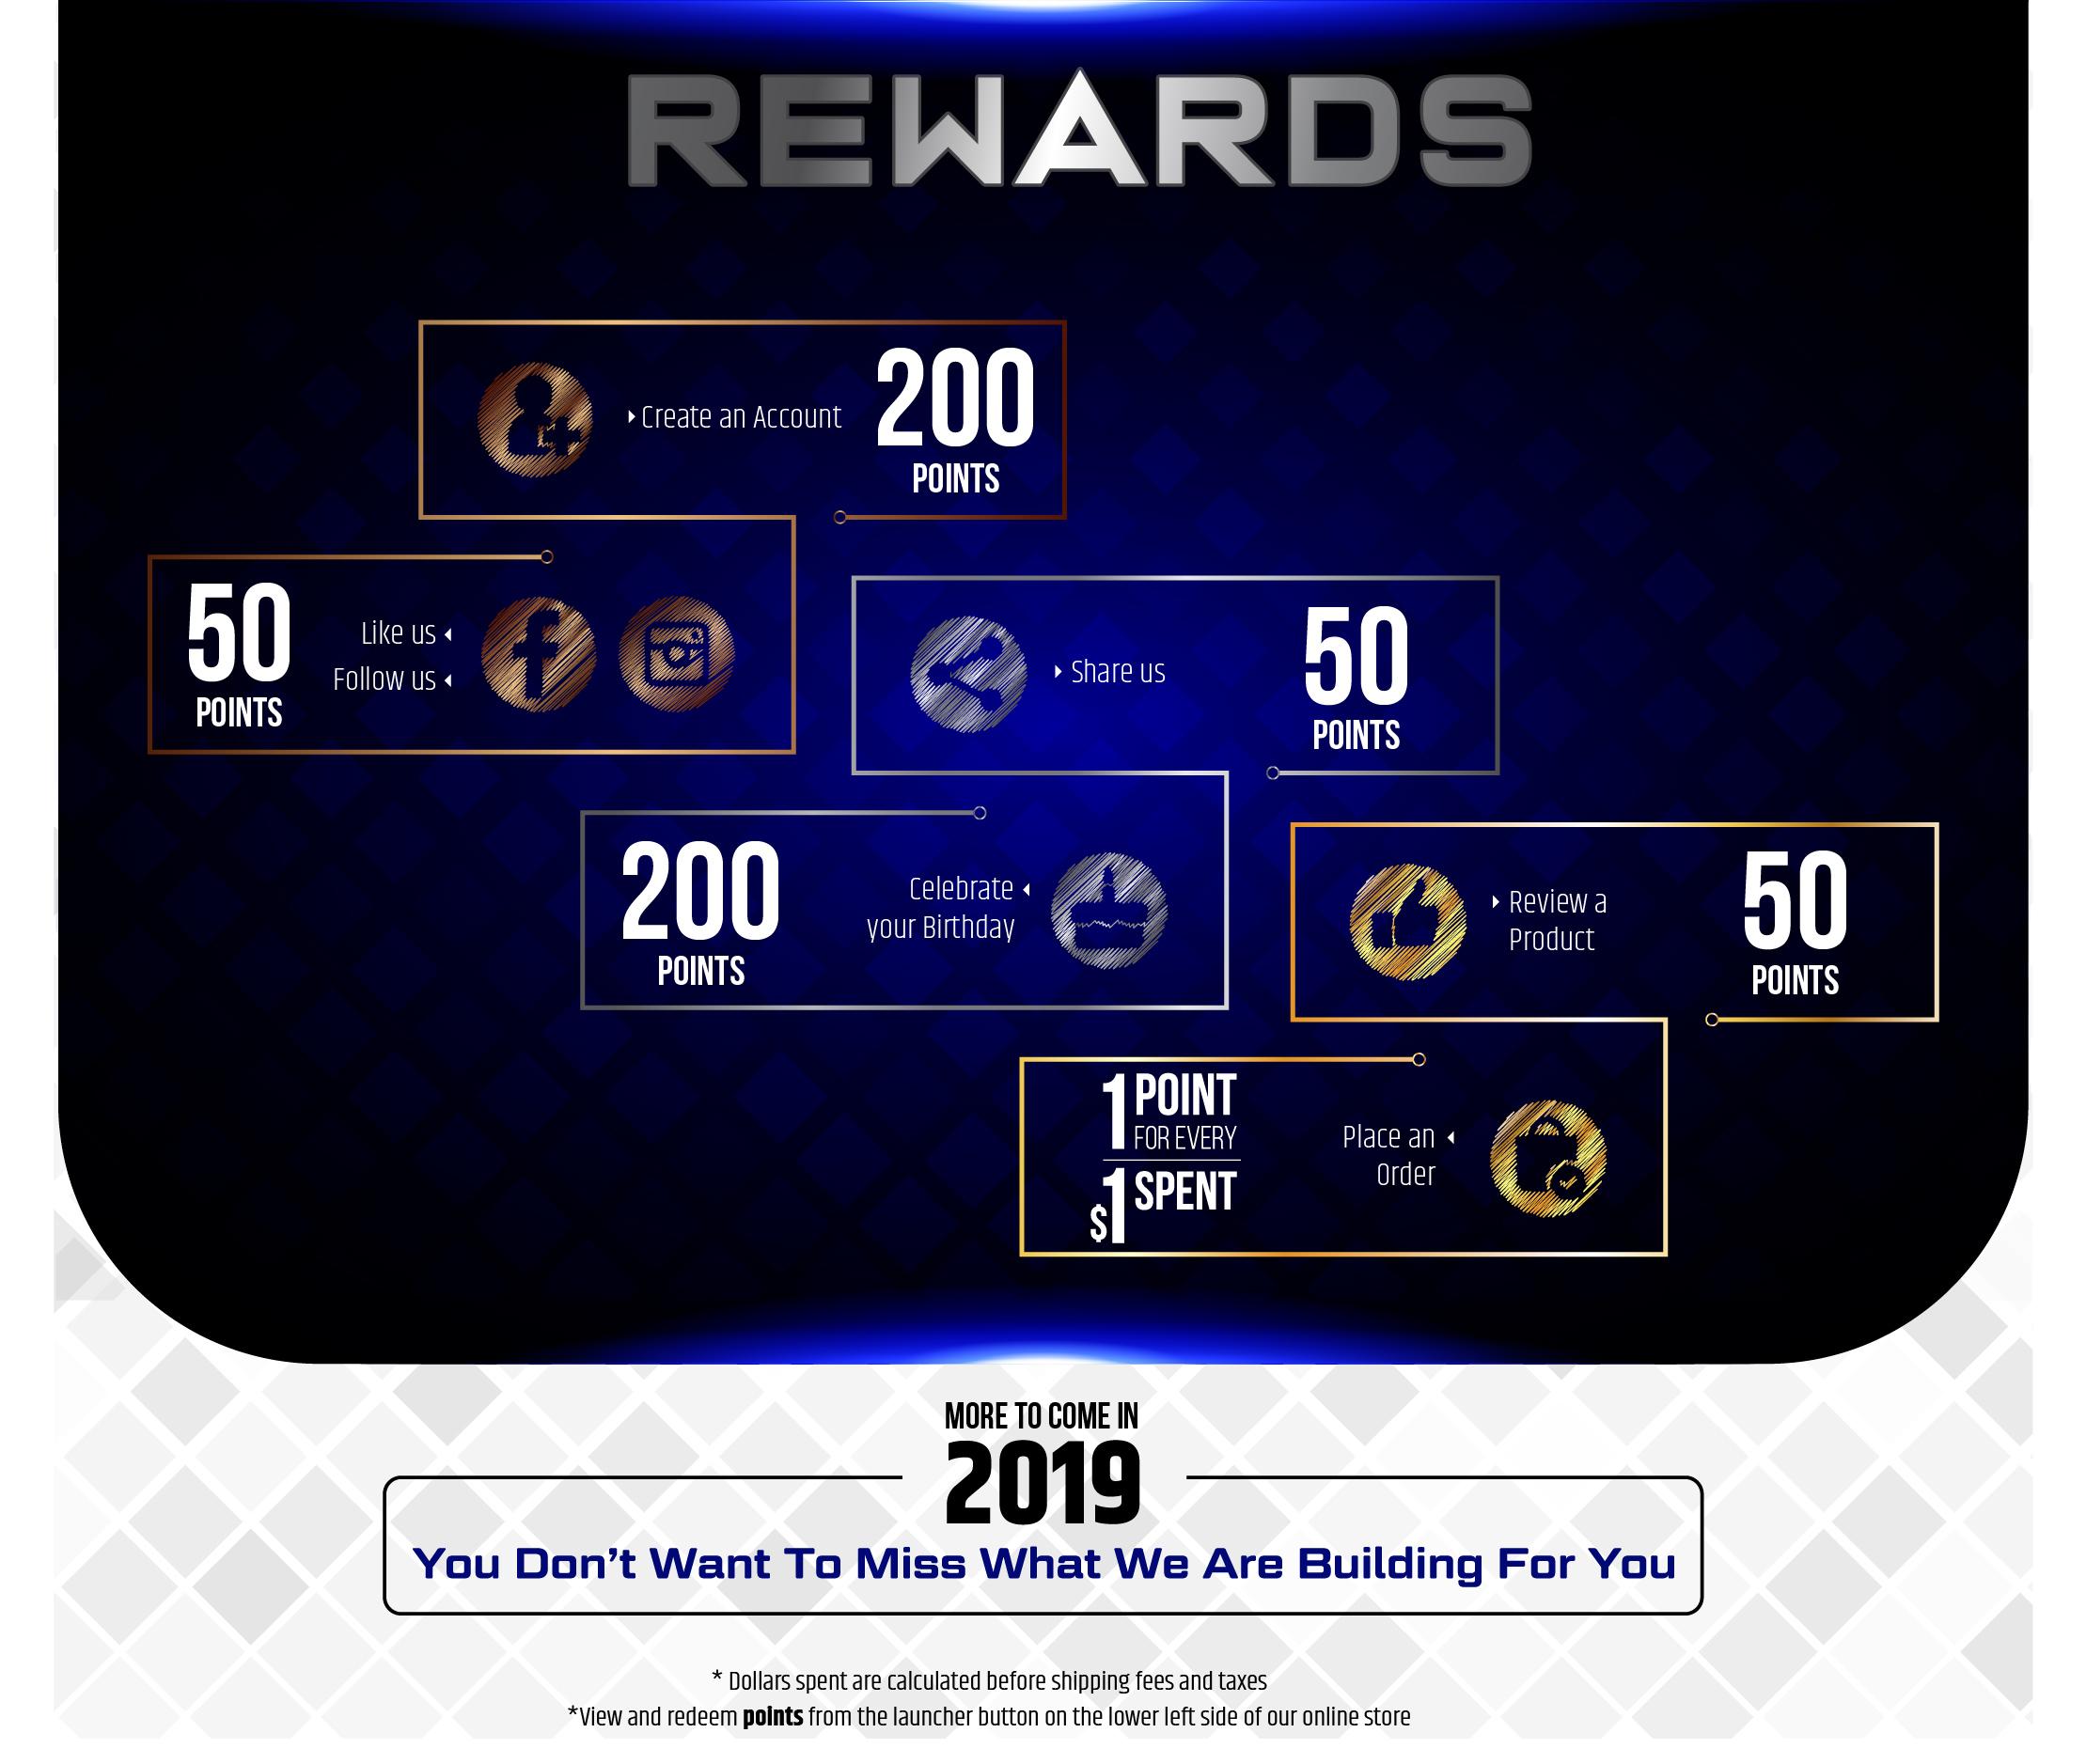 rewards-for-website2-05.jpg